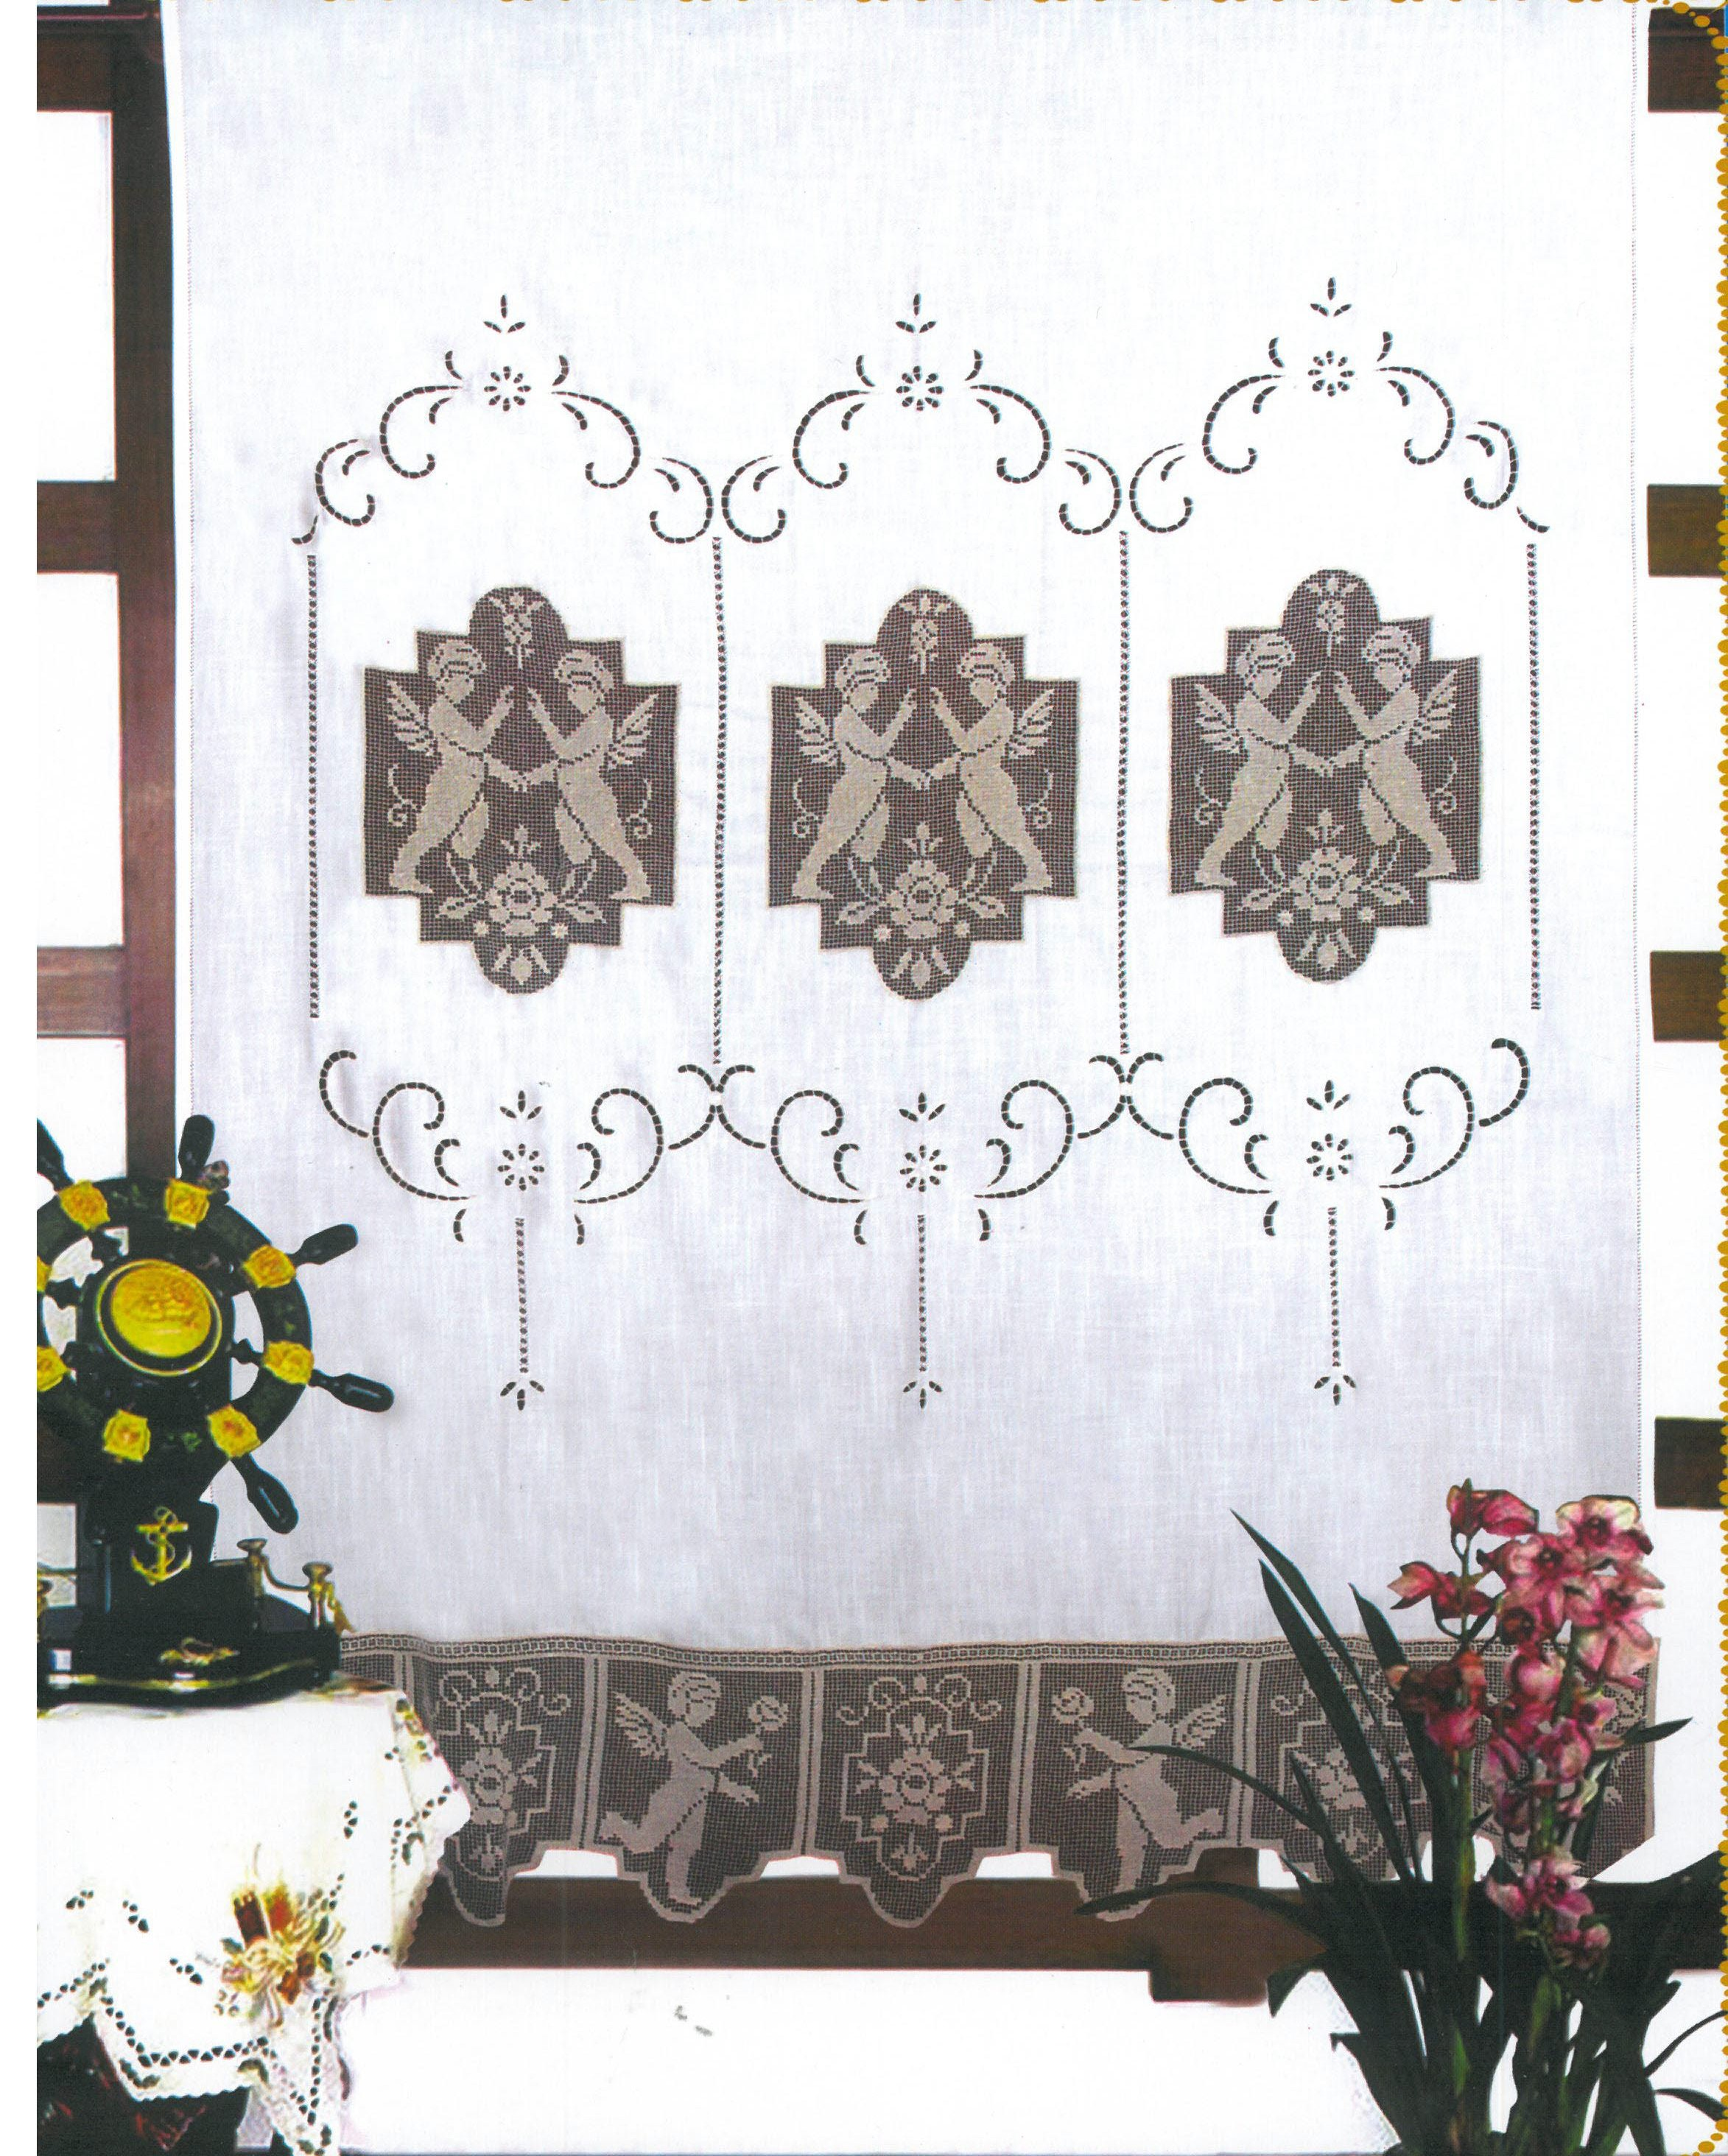 Lenzuola Matrimoniali Con Angeli.196 Euroricami Viterbo Tenda In Puro Lino Beige Ricamata Al File